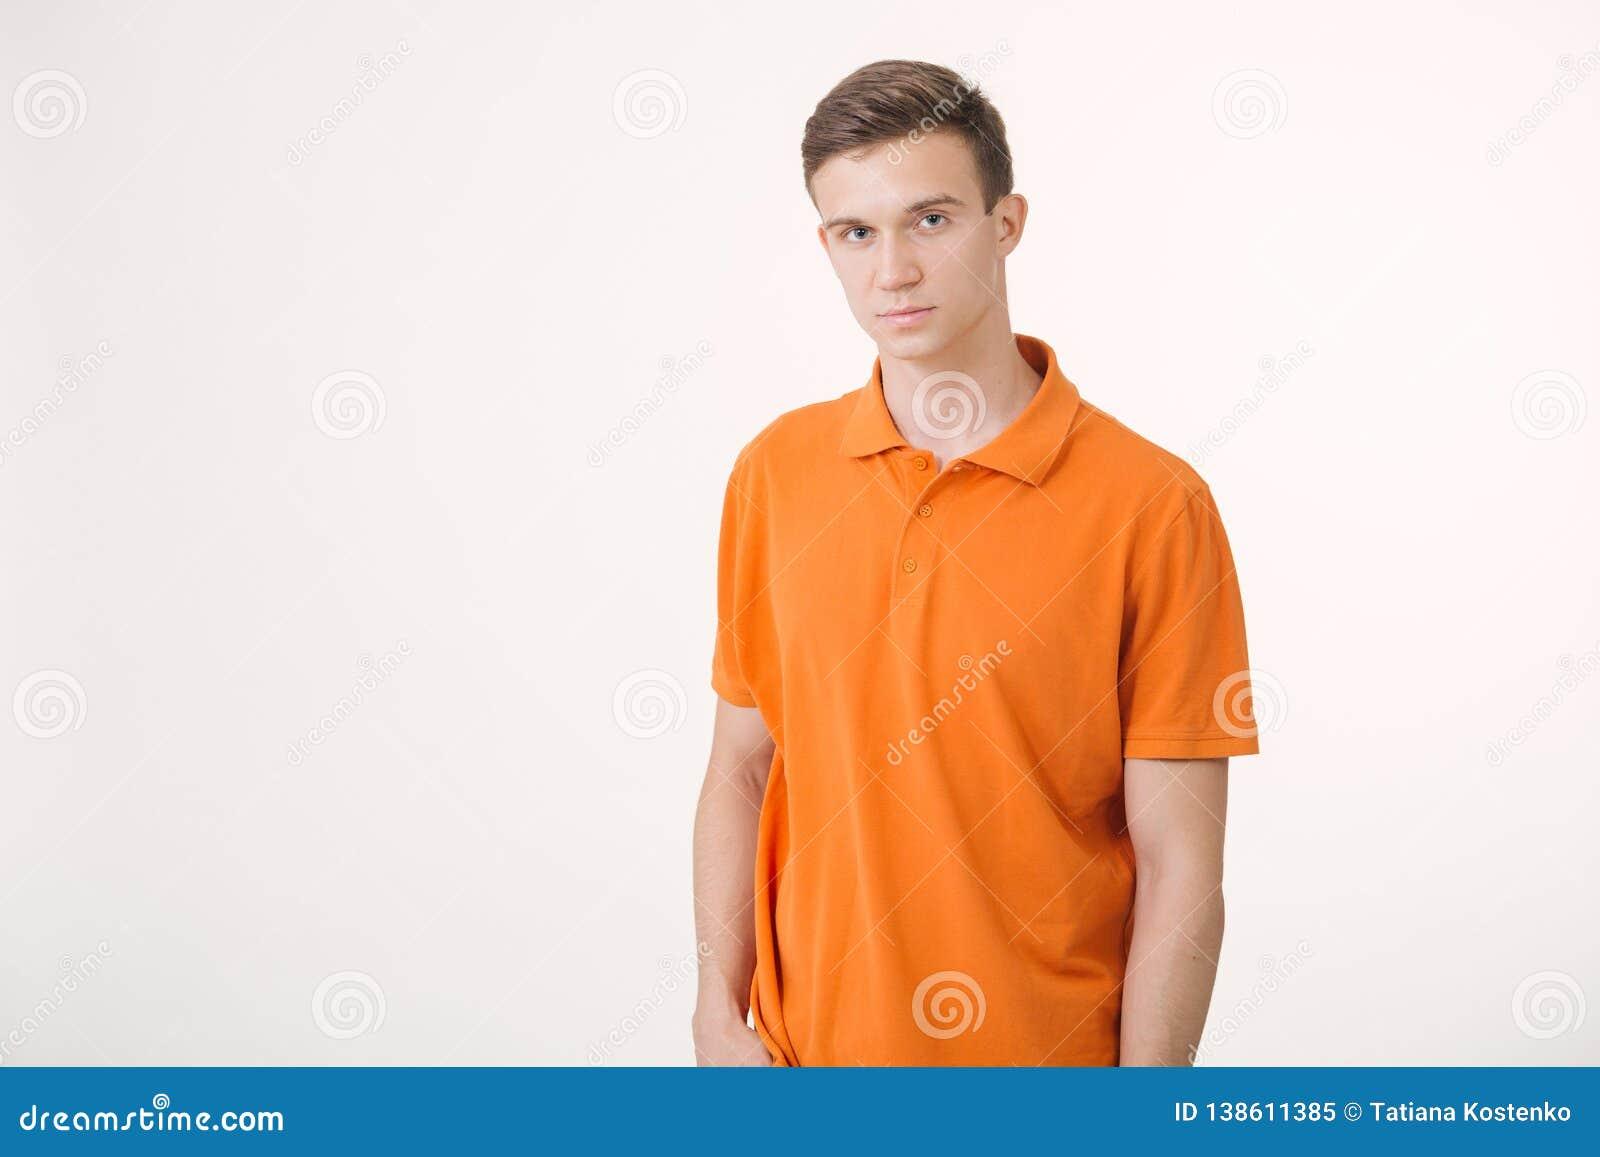 Portrait de l homme châtain bel utilisant la chemise orange semblant la position paisible au-dessus du fond blanc